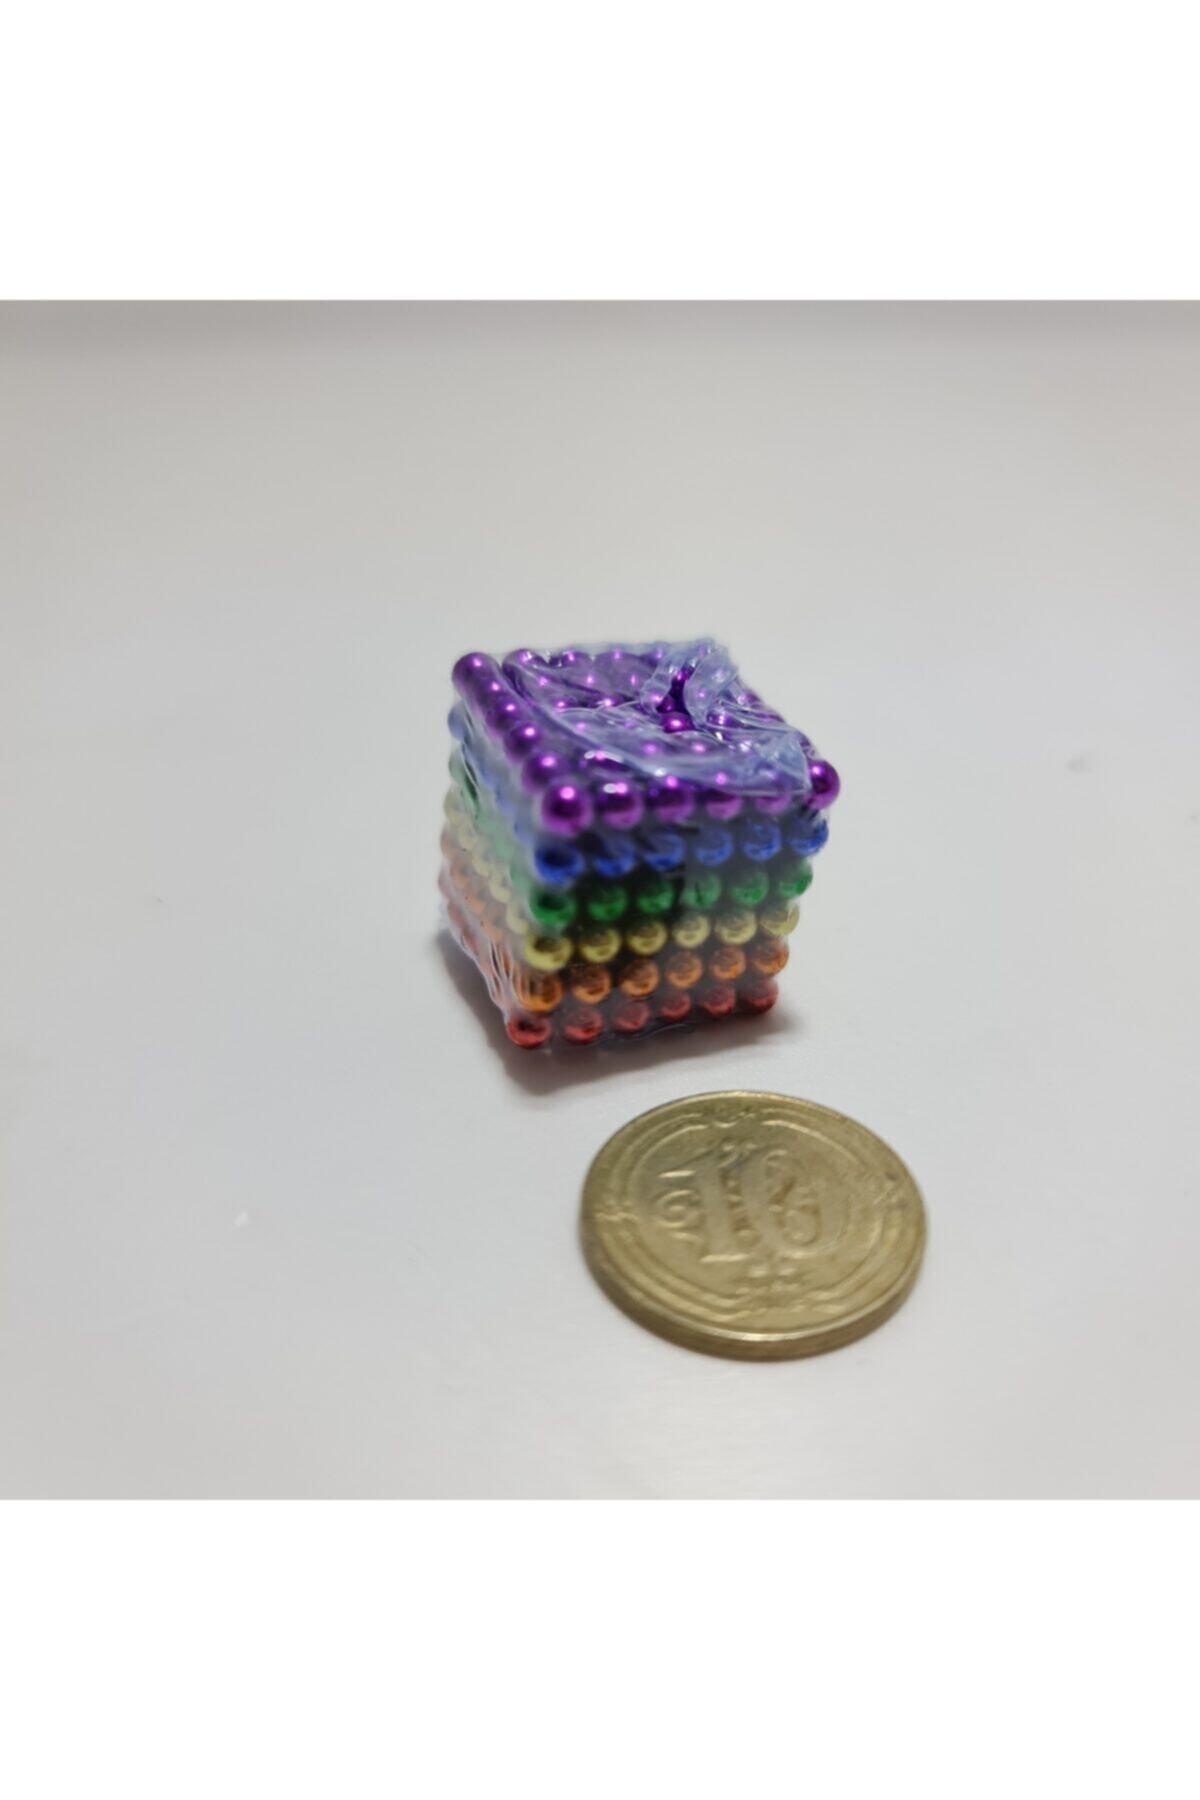 Kids Sihirli Manyetik Toplar 3mm (6 Renkli) Manyetik Mıknatıs 2